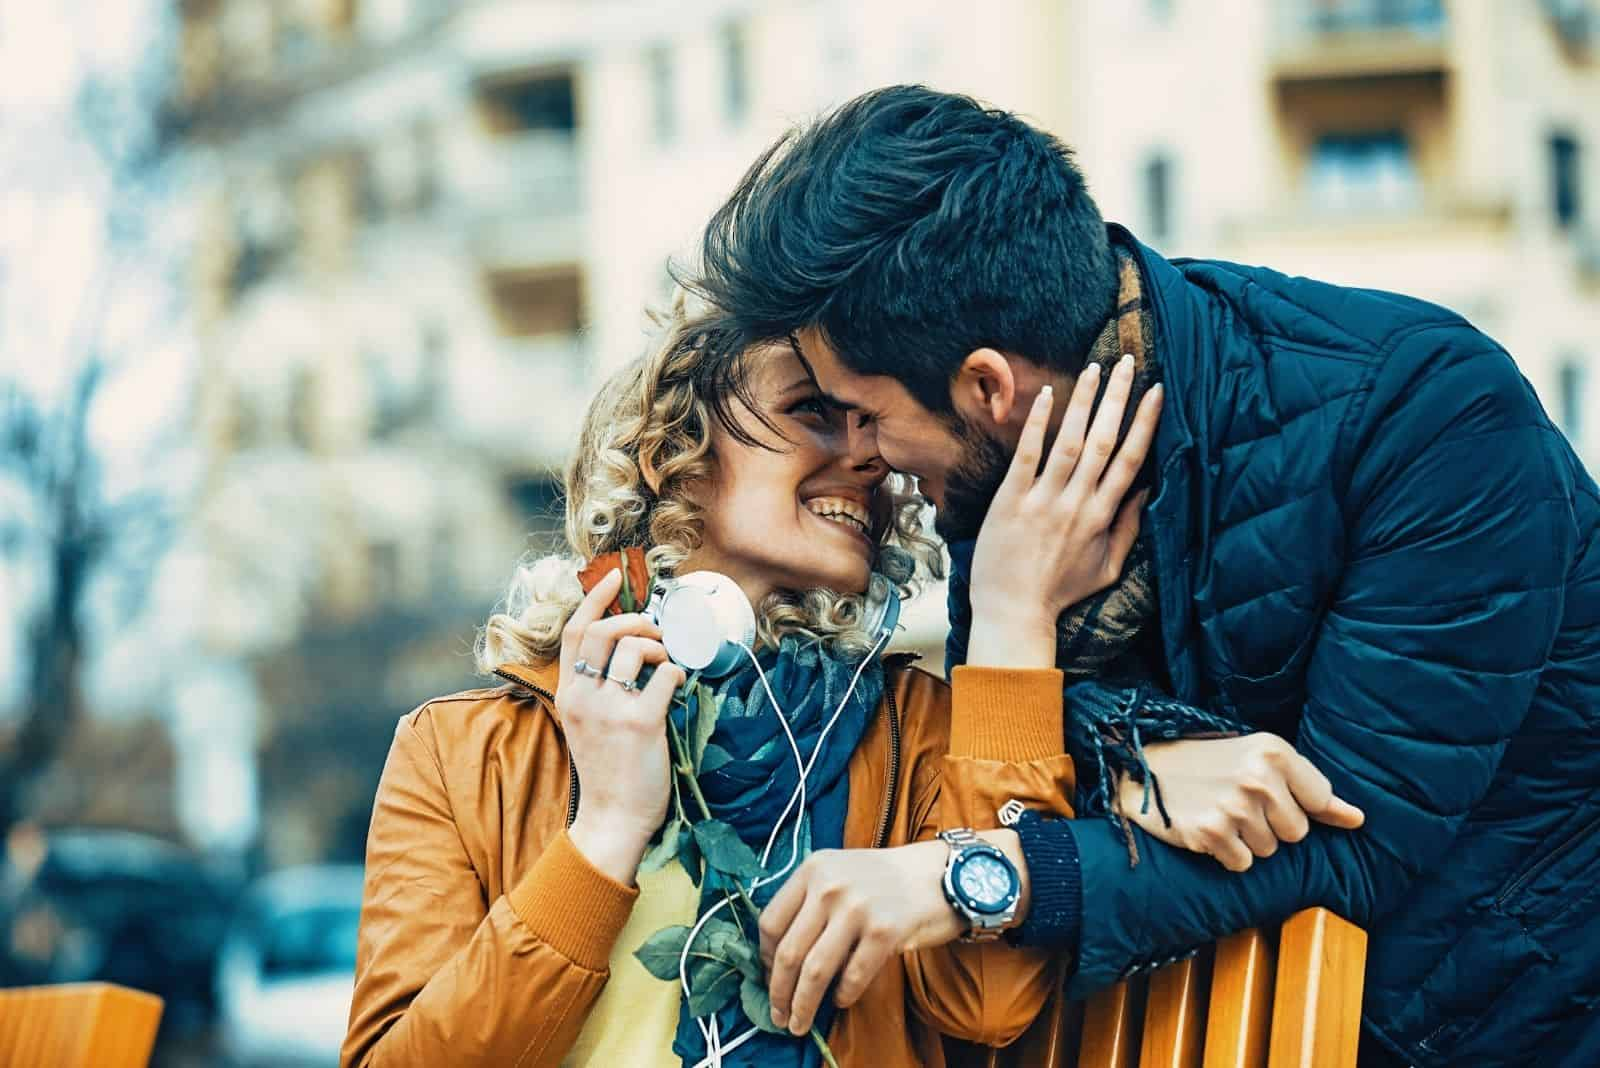 Süßes Liebespaar Tagsüber im Park verabreden